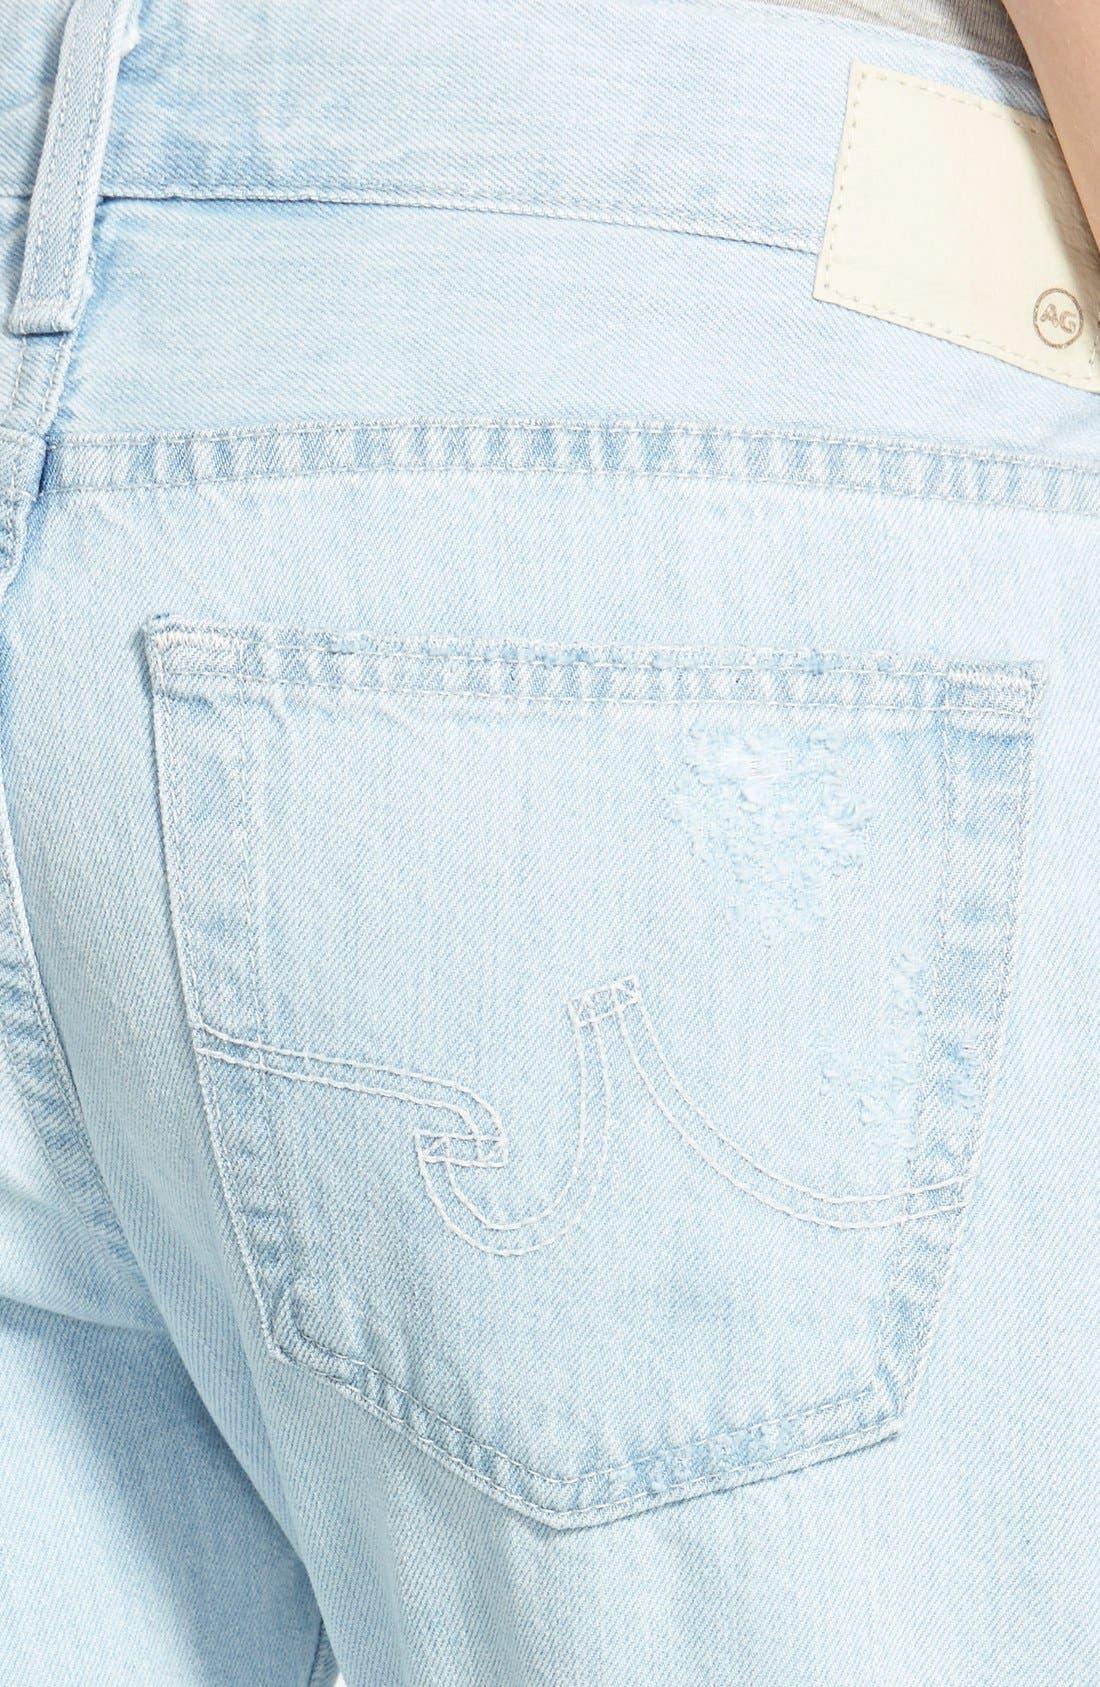 Alternate Image 3  - AG 'Nikki' Relaxed Skinny Crop Jeans (28 Years Shredded)